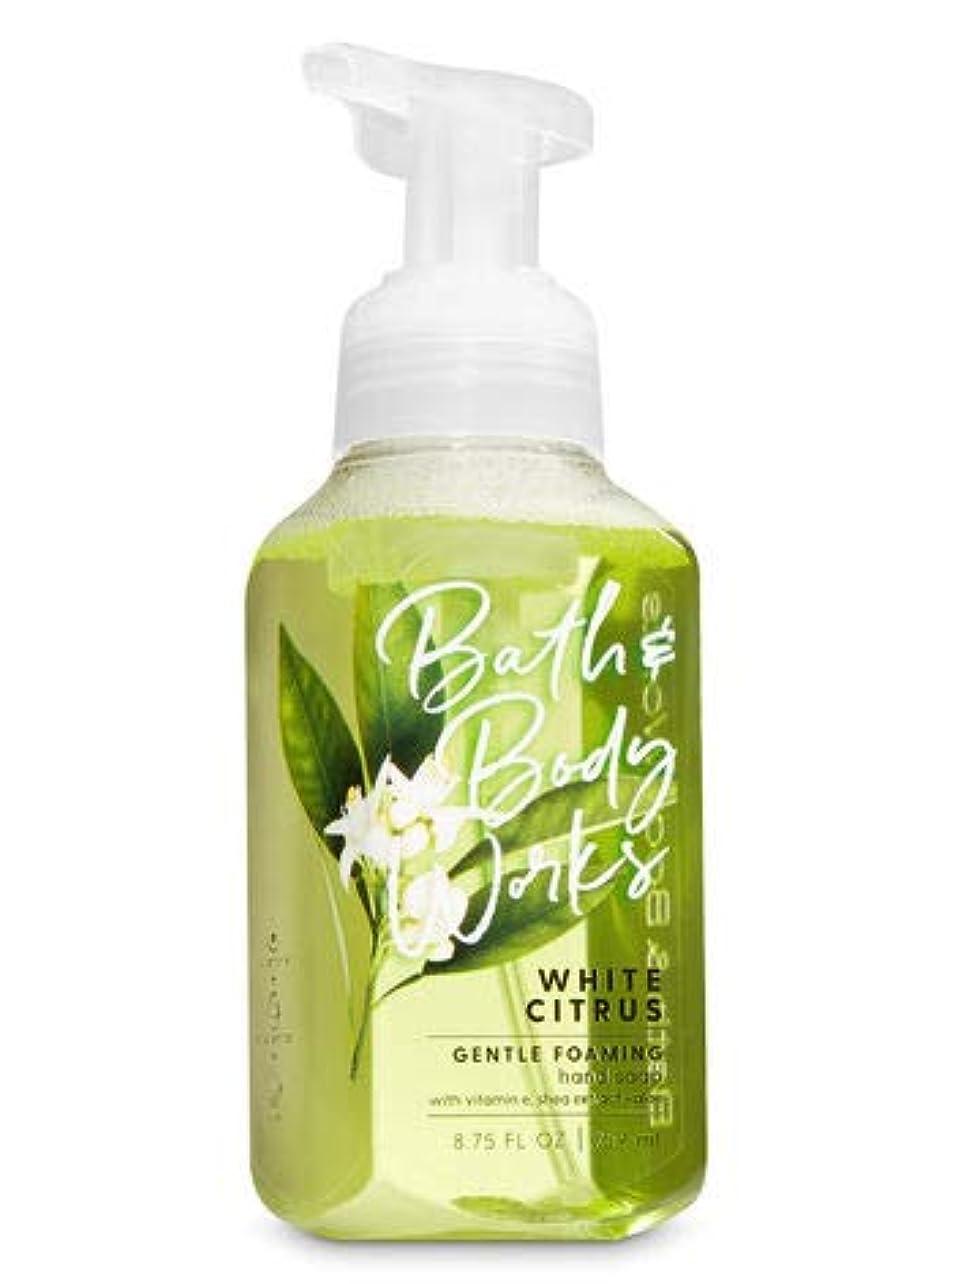 スマイル吸うカスタムバス&ボディワークス ホワイトシトラス ジェントル フォーミング ハンドソープ White Citrus Gentle Foaming Hand Soap